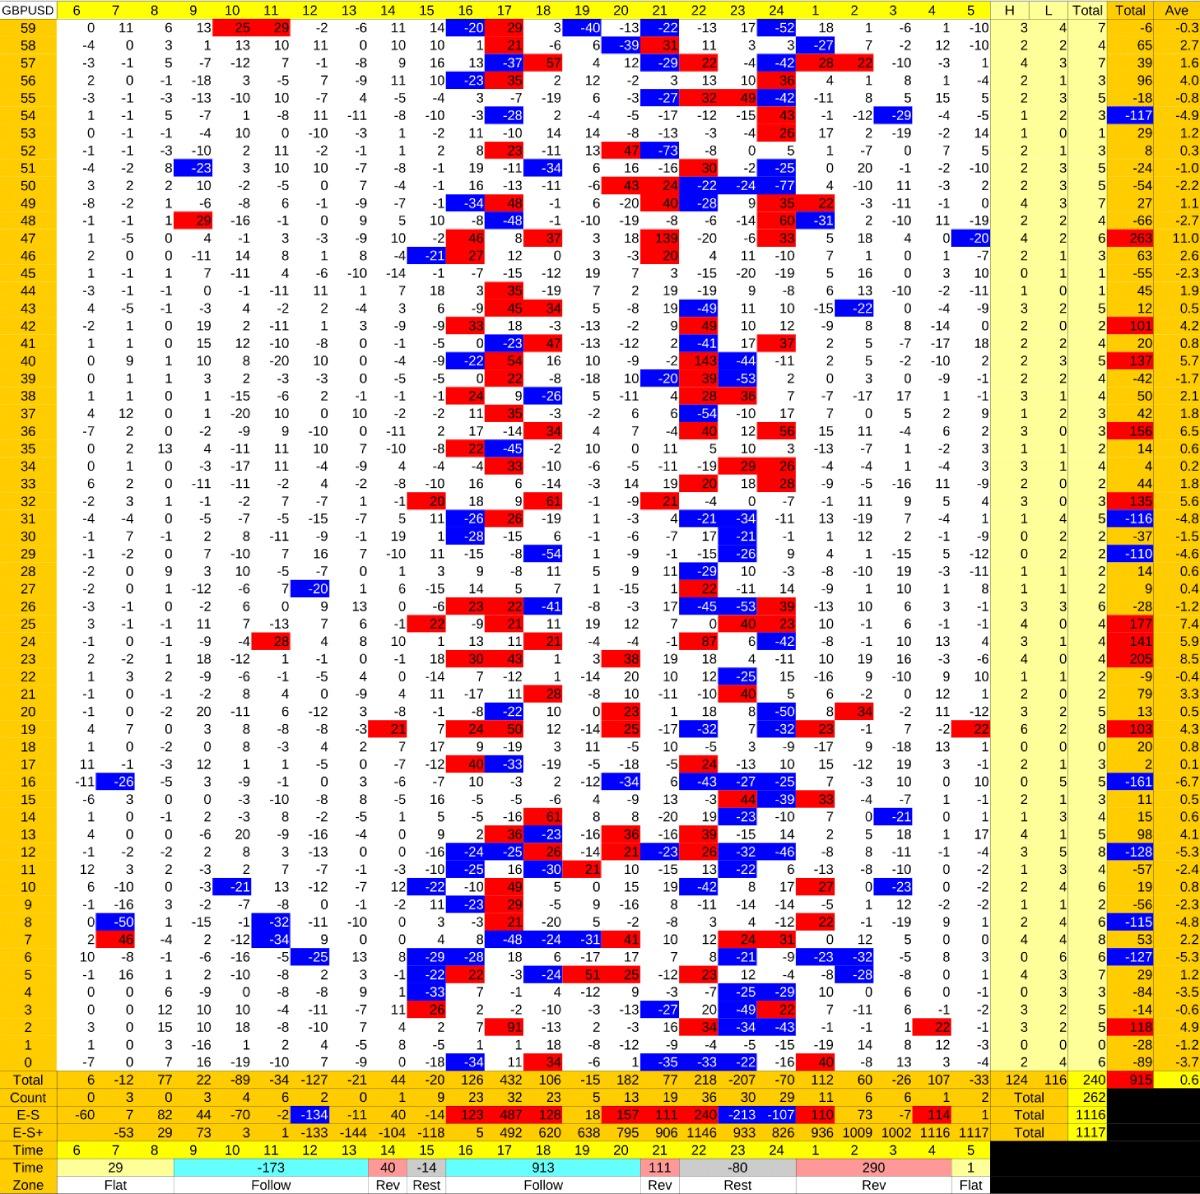 20210218_HS(2)GBPUSD-1